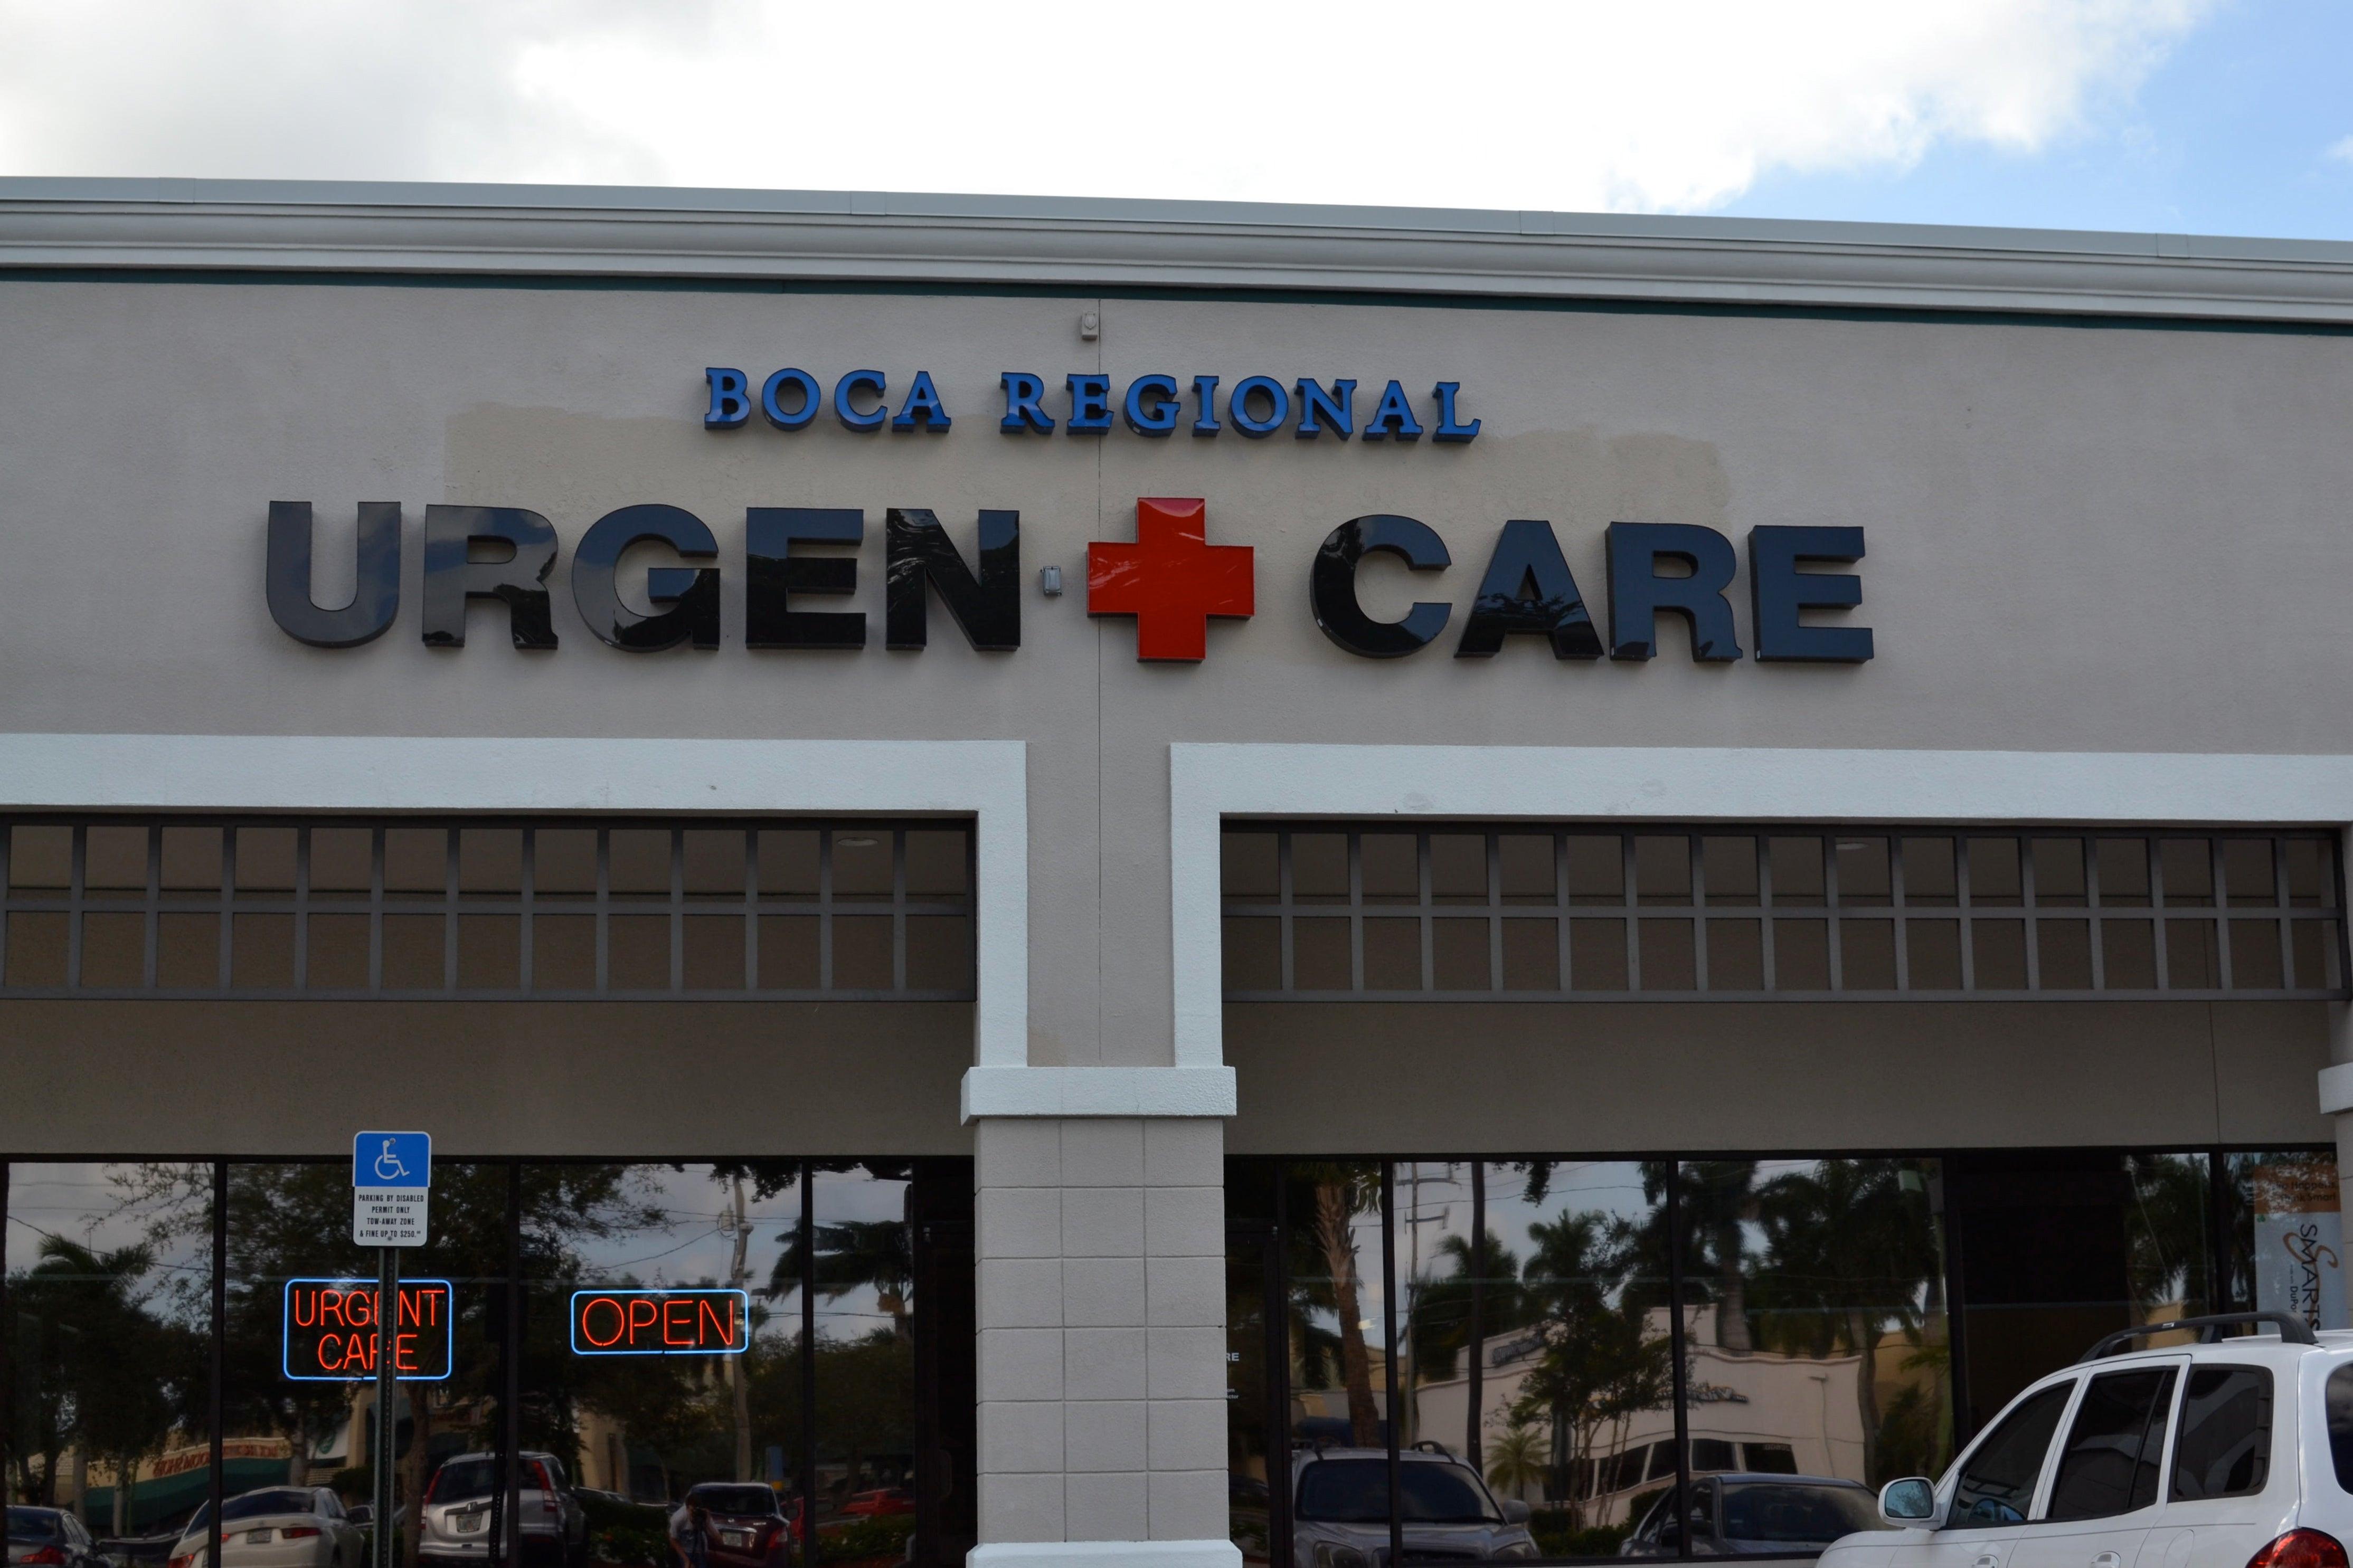 Boca Raton Urgent Care,